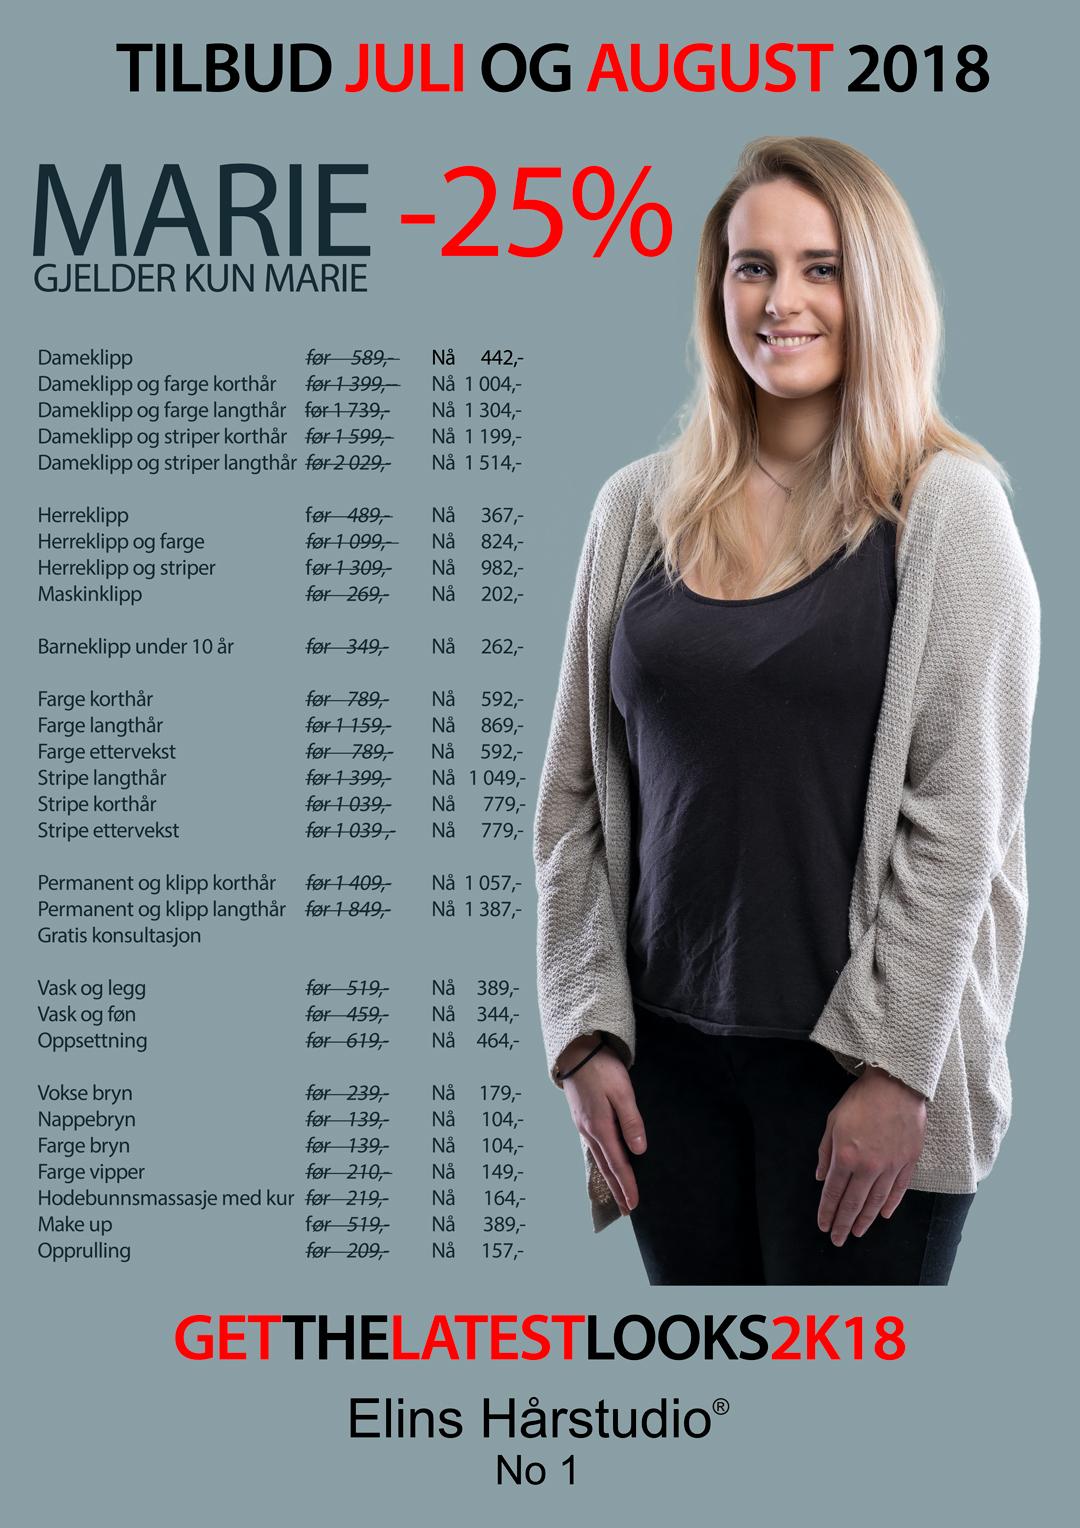 MARIE -25% – TILBUD JULI OG AUGUST 2018